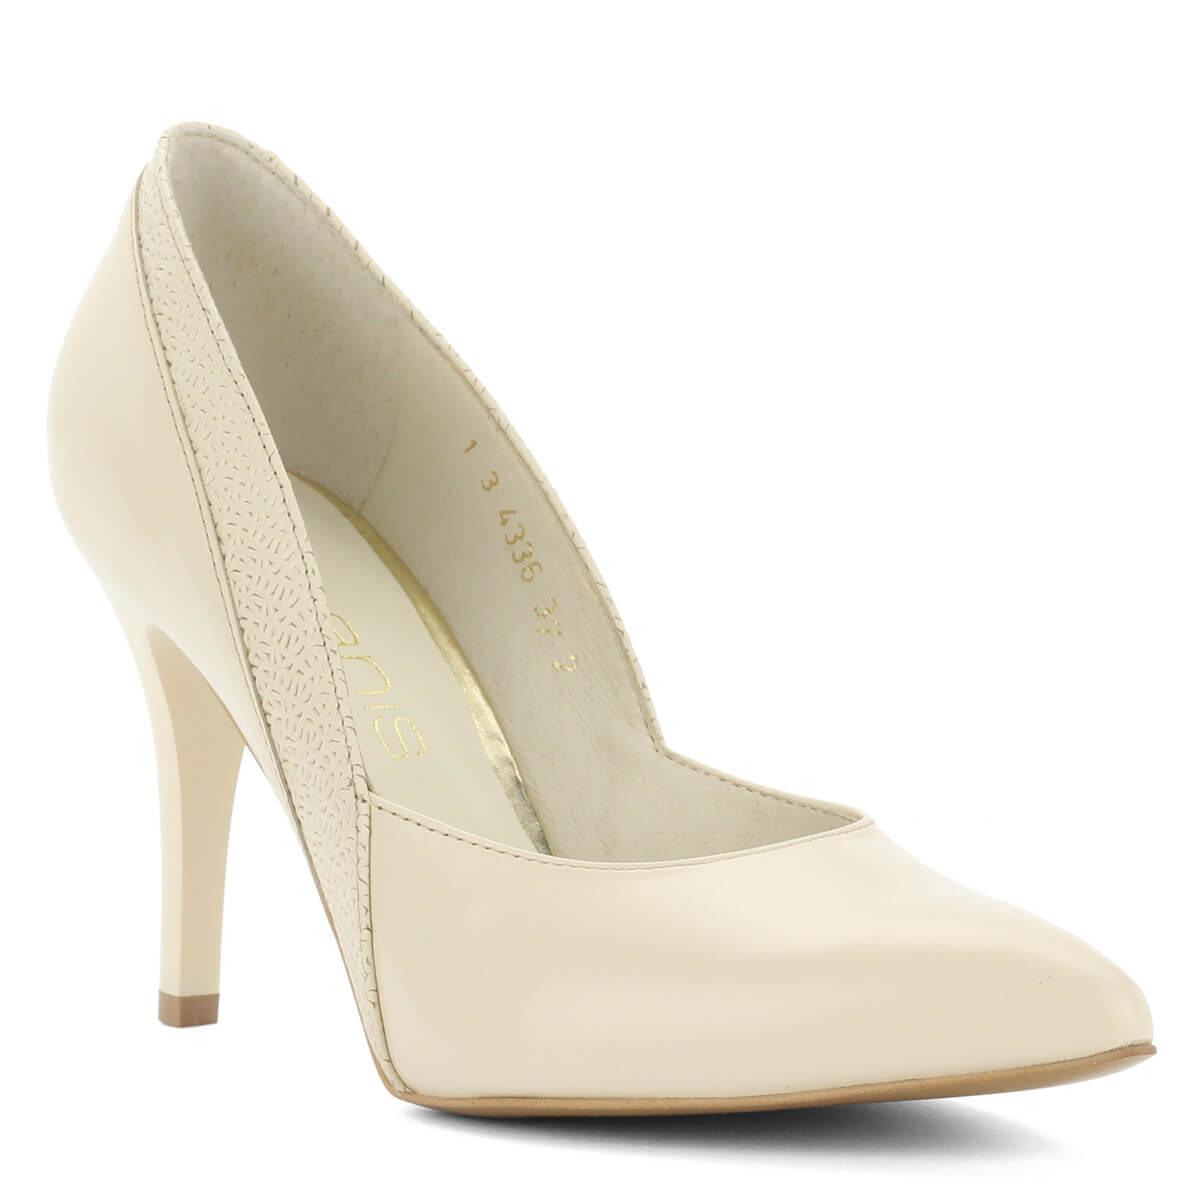 e396f75e5a40 Ekrü színű Anis alkalmi cipő bőr felsőrésszel és bőr béléssel. 9 cm magas  sarokkal készült, anyagában díszített. Márka: Anis Szín: Ekrü Modellszám:  4336 ...